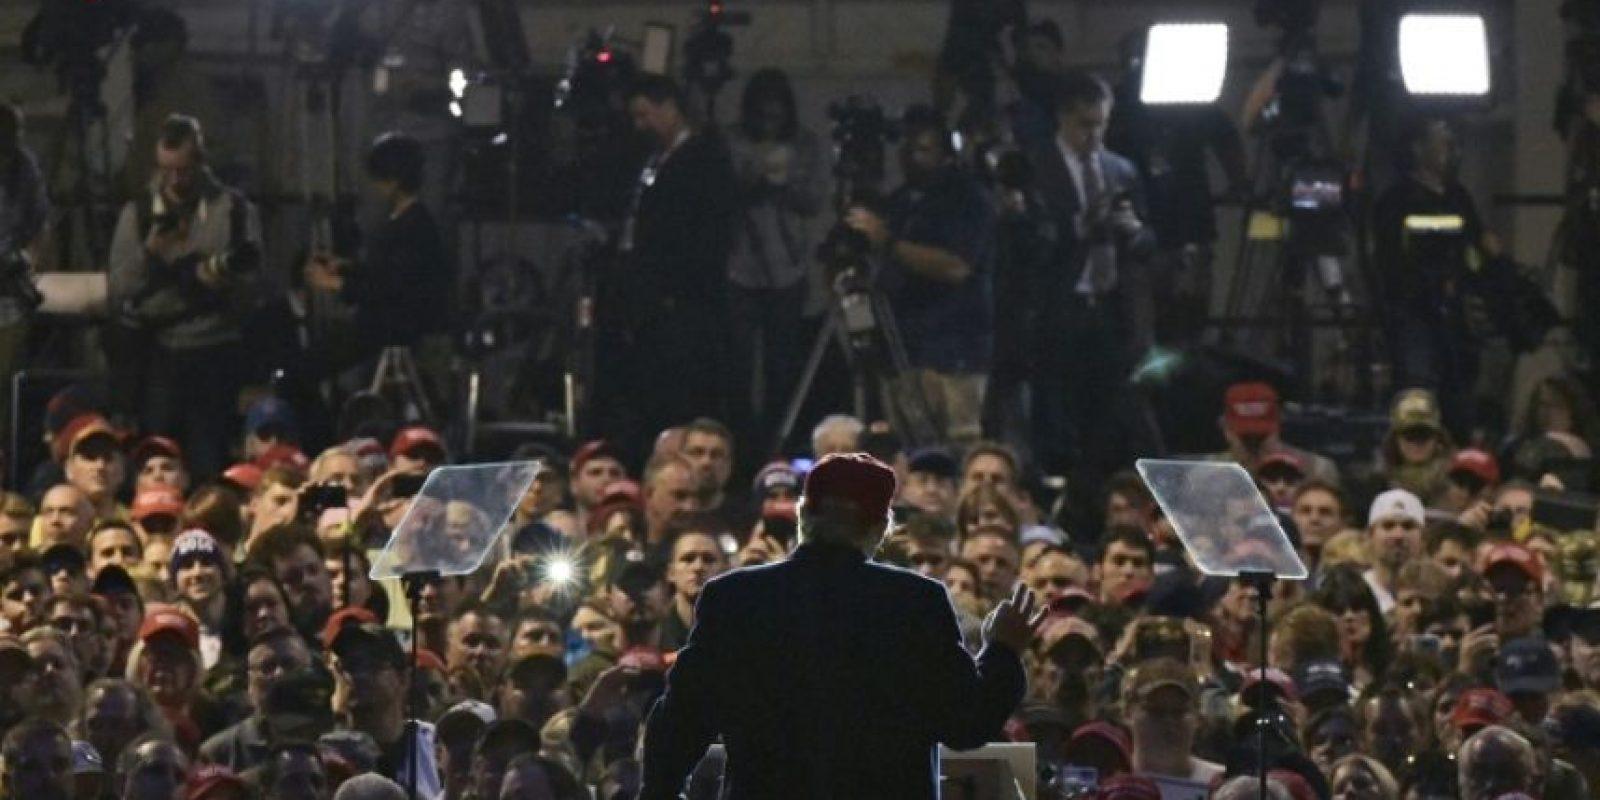 El candidato republicano a la presidencia de EEUU, Donald Trump, toma la palabra en un mitin en Moon, Pensilvania, el 6 de noviembre de 2016 Foto:Mandel Ngan/afp.com